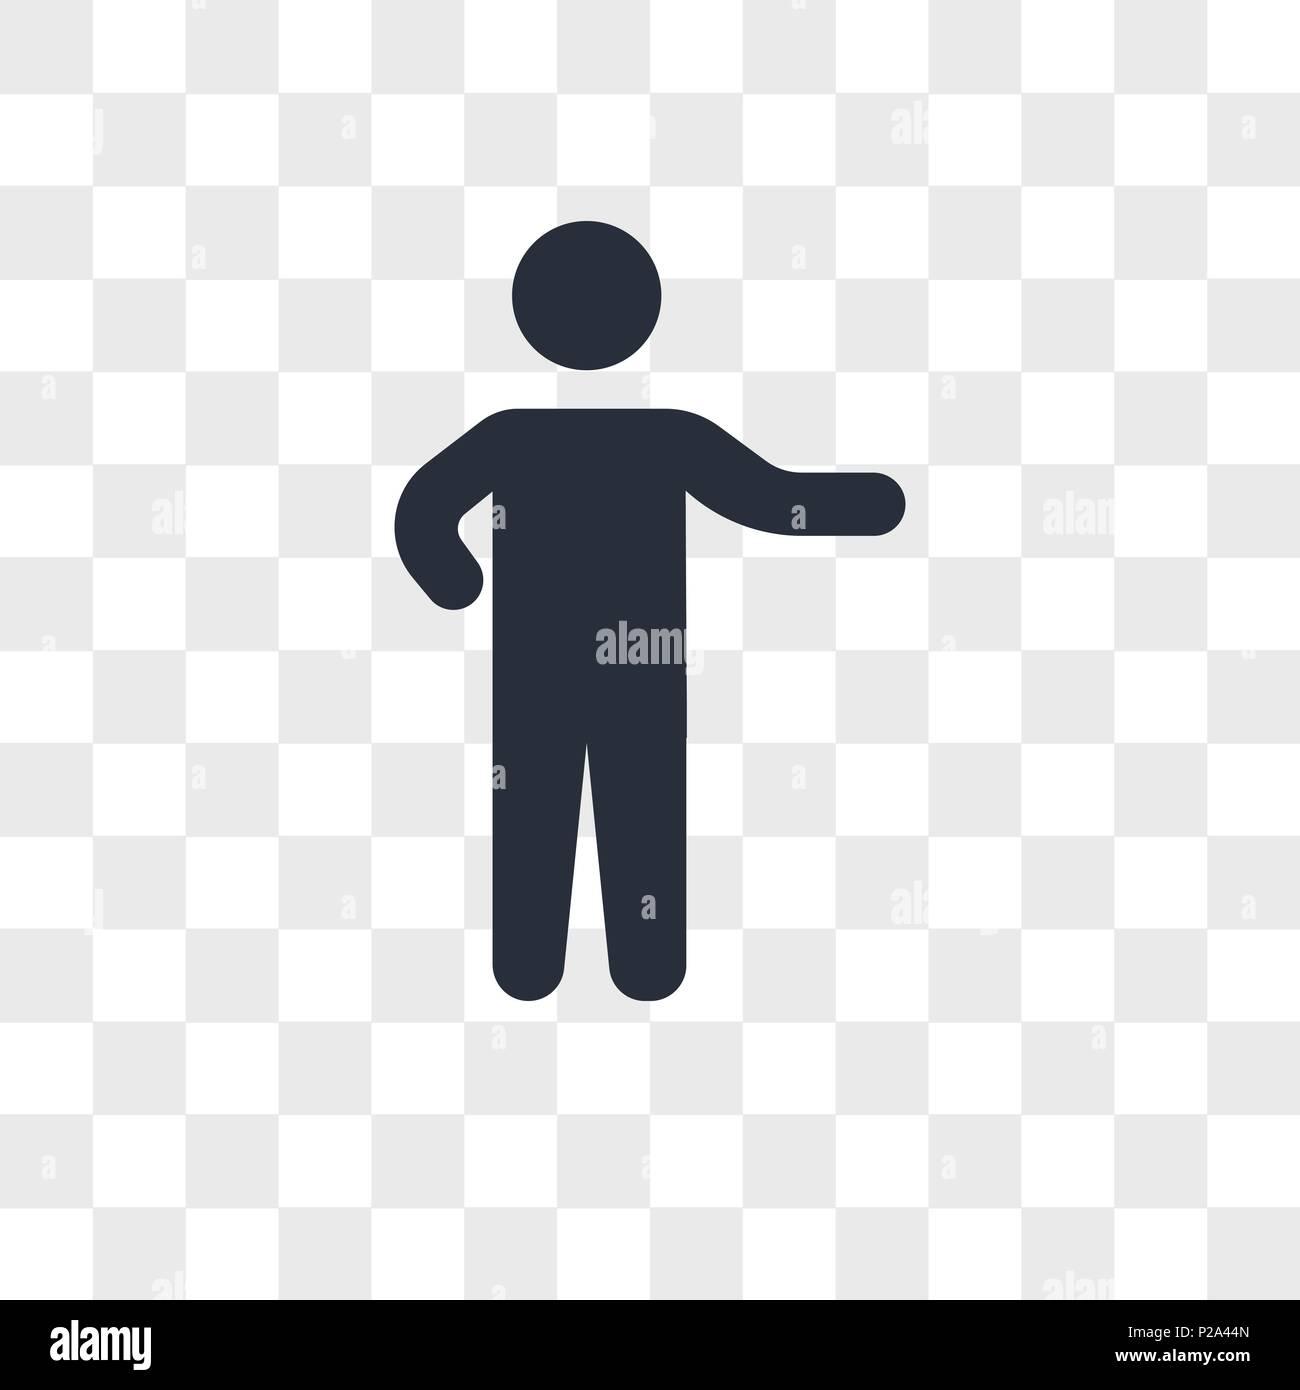 Person Zeigen Vektor Icon Auf Transparentem Hintergrund Isoliert